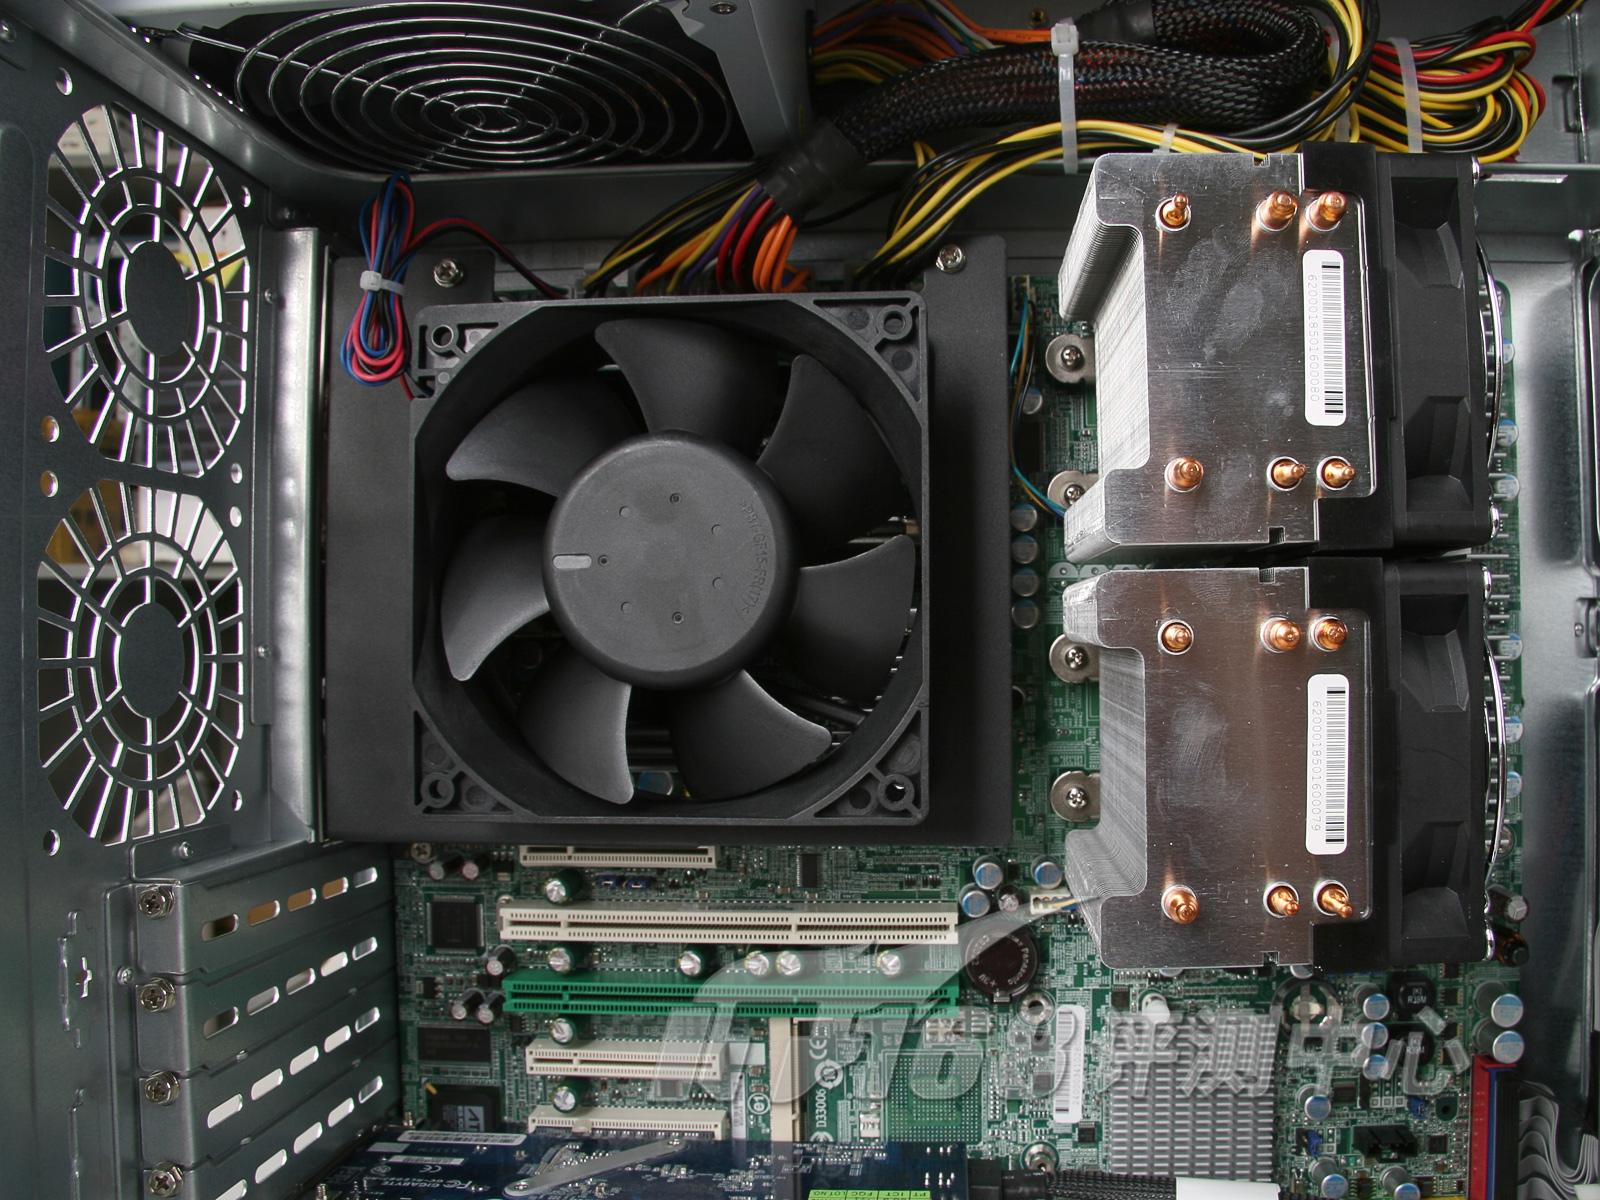 e5410 cpu安装图解